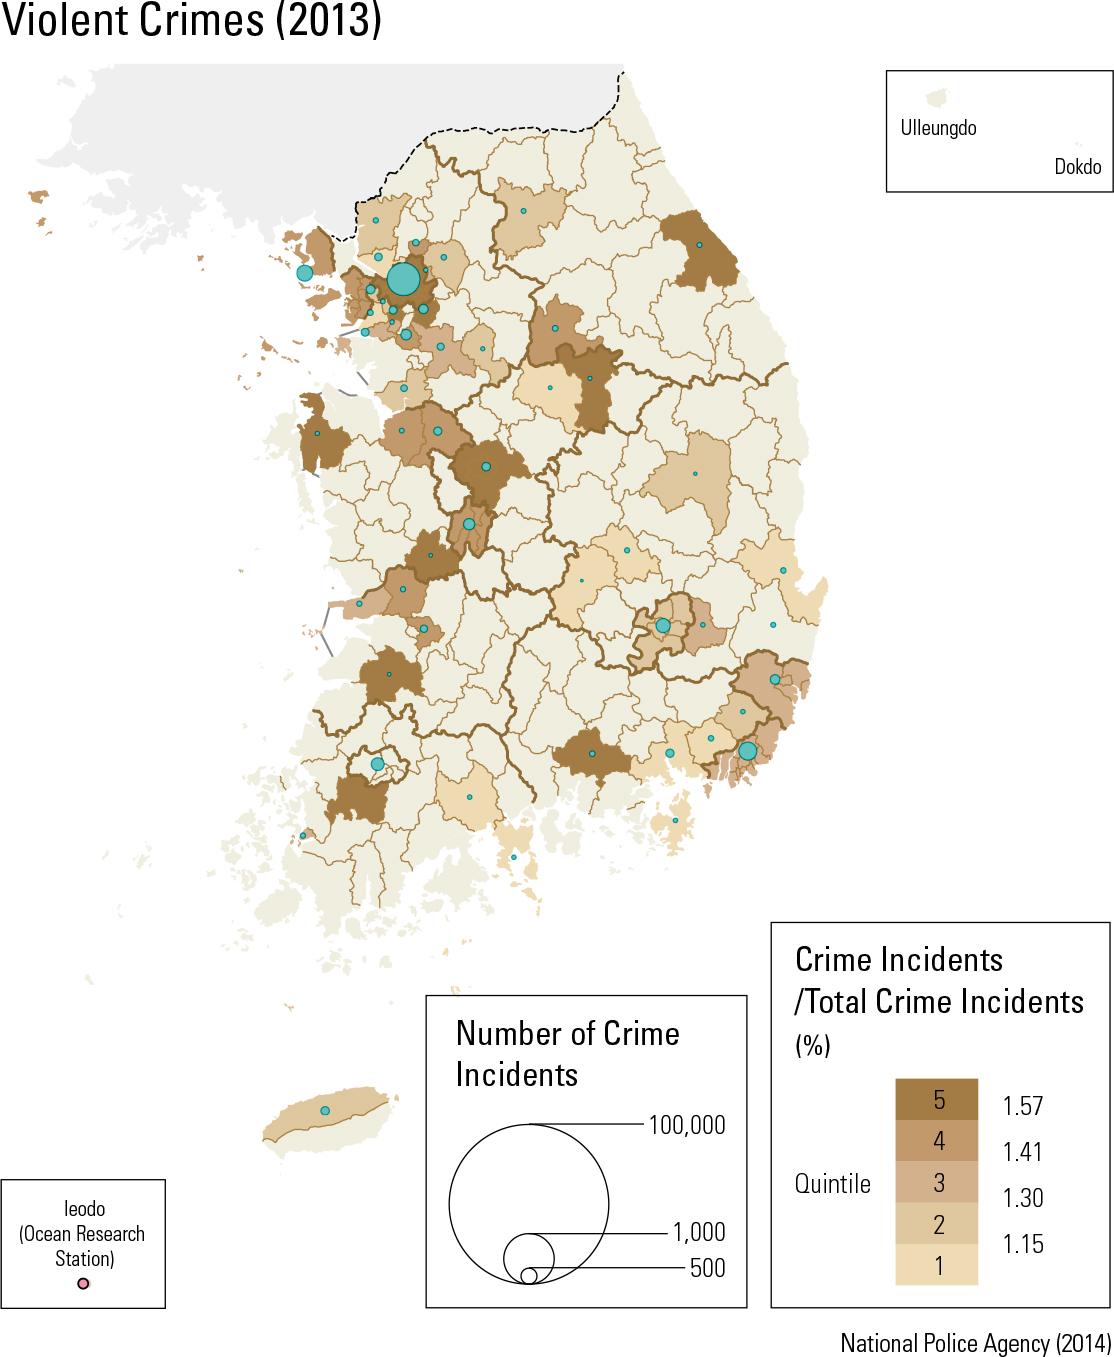 Violent Crimes (2013)